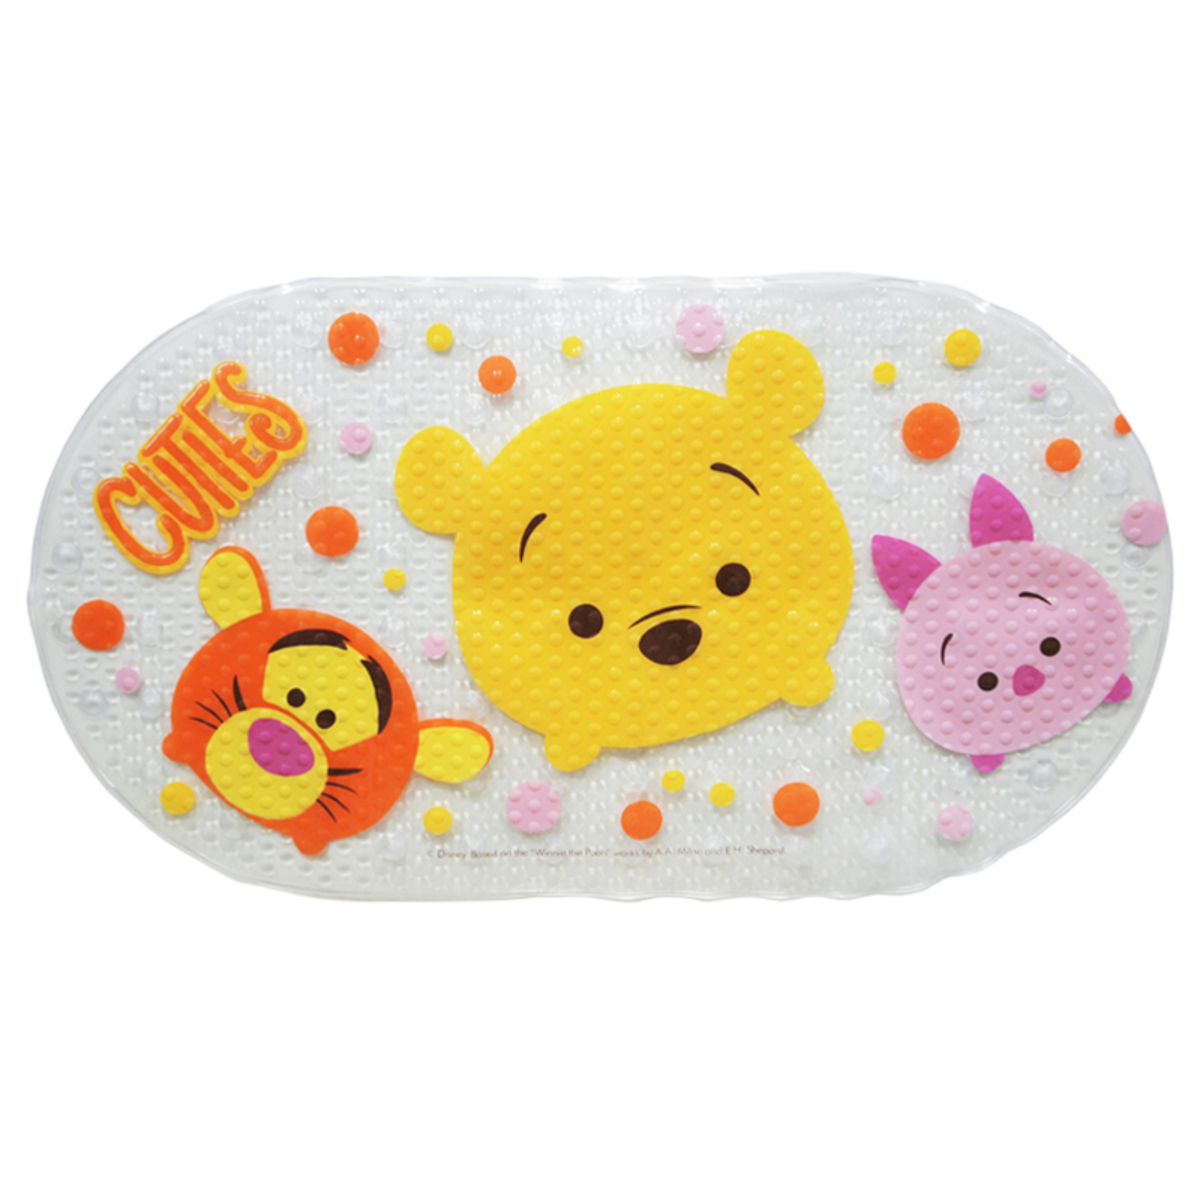 浴室防滑墊 (Pooh) (迪士尼許可產品)